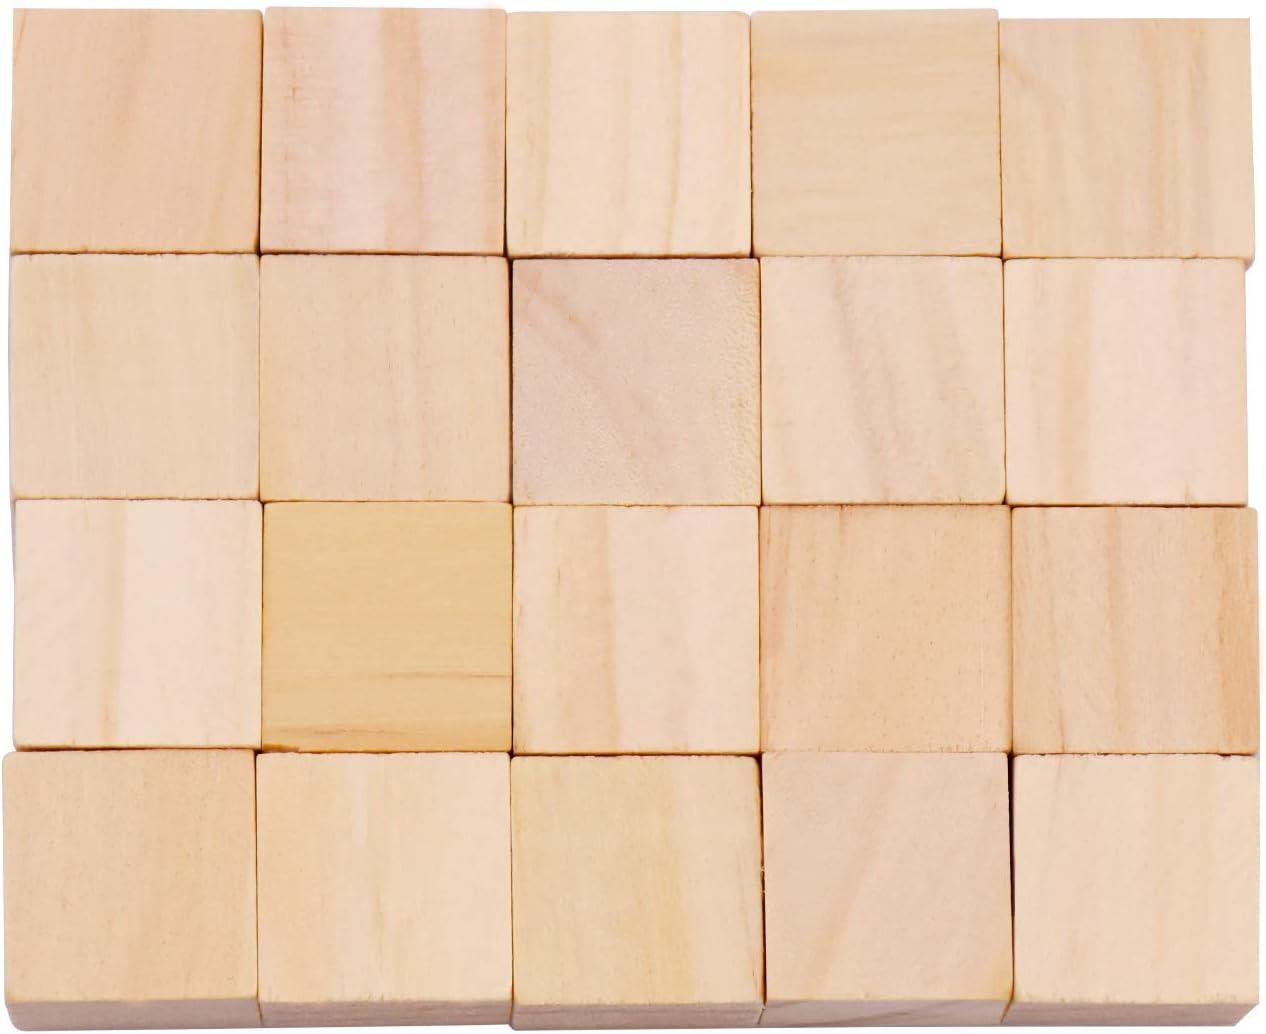 artesan/ías y proyectos de Bricolaje 30mm 20mm Bloques Cuadrados de Madera para la fabricaci/ón de Rompecabezas WEKON 40pcs Cubos de Madera